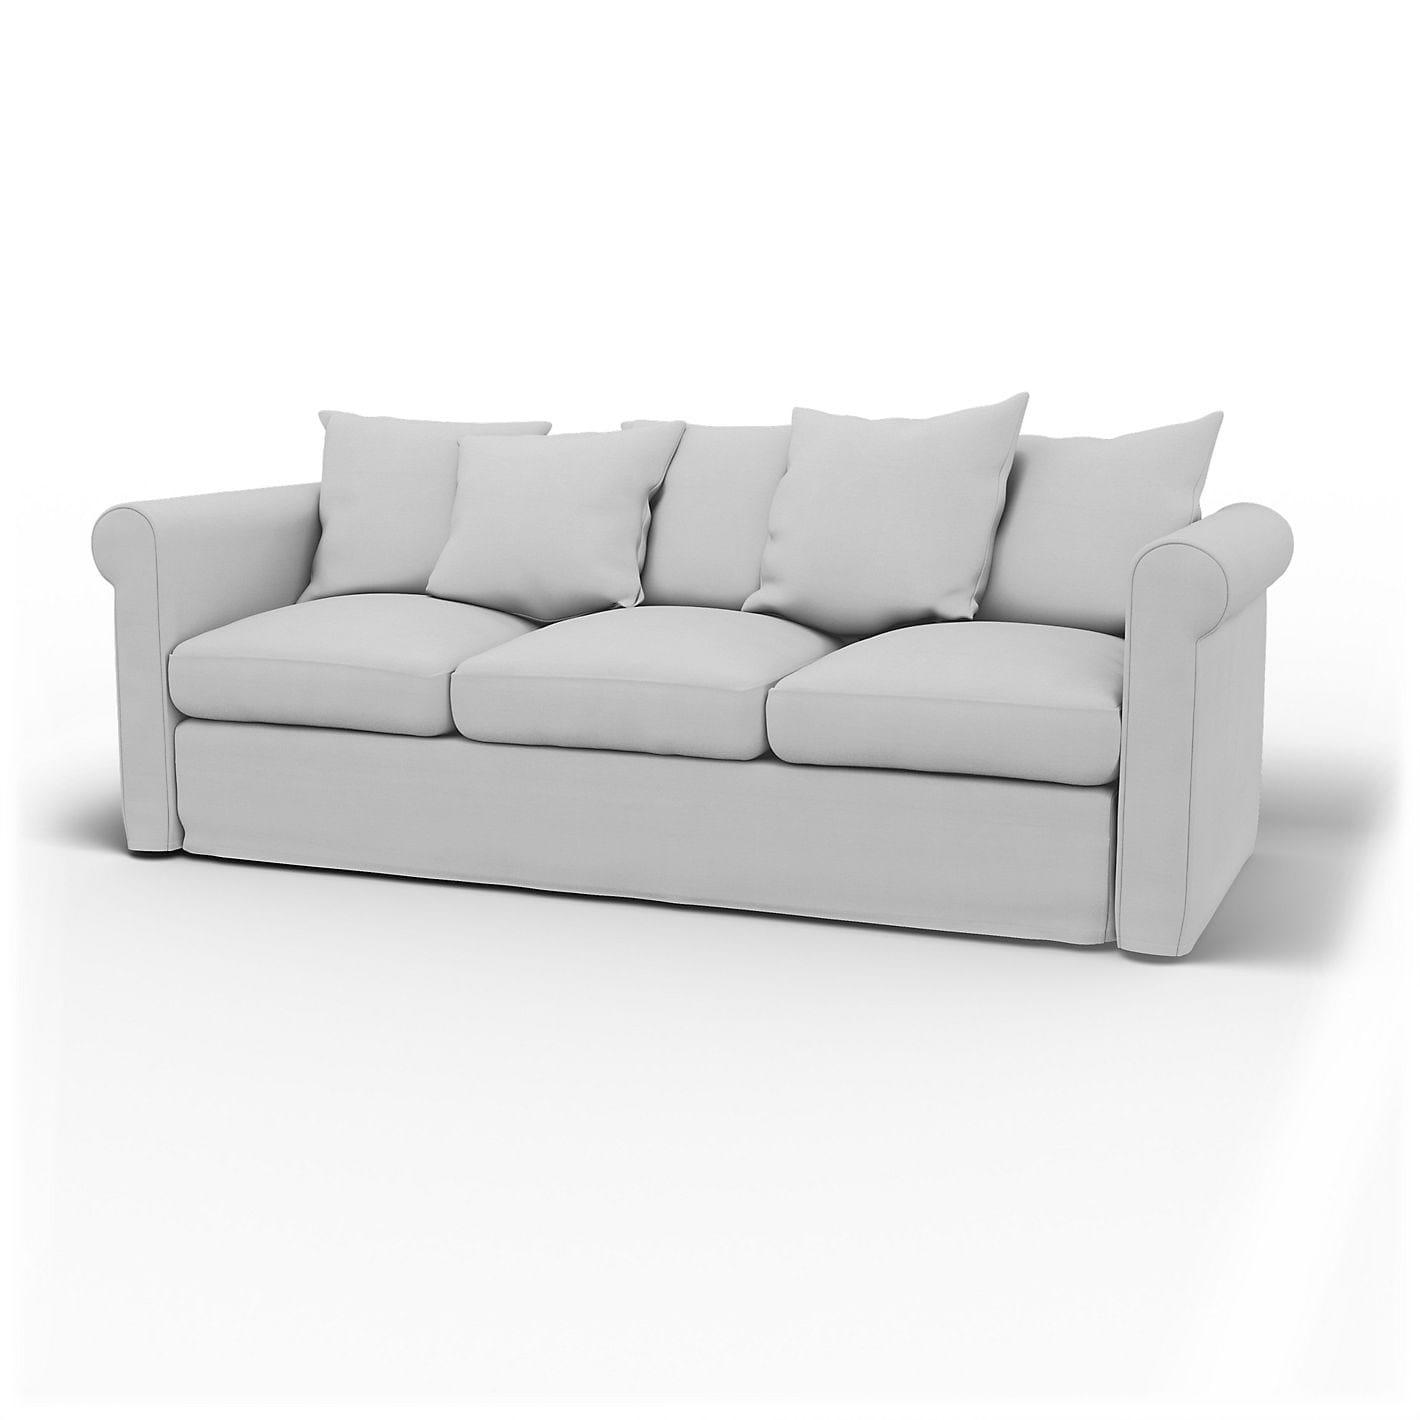 Full Size of Individuelle Ikea Bezge Sofabezge Esszimmer Sofa Rolf Benz Aus Matratzen 3 Sitzer Mit Relaxfunktion Riess Ambiente Schlafsofa Liegefläche 160x200 Ottomane Sofa Sofa Spannbezug